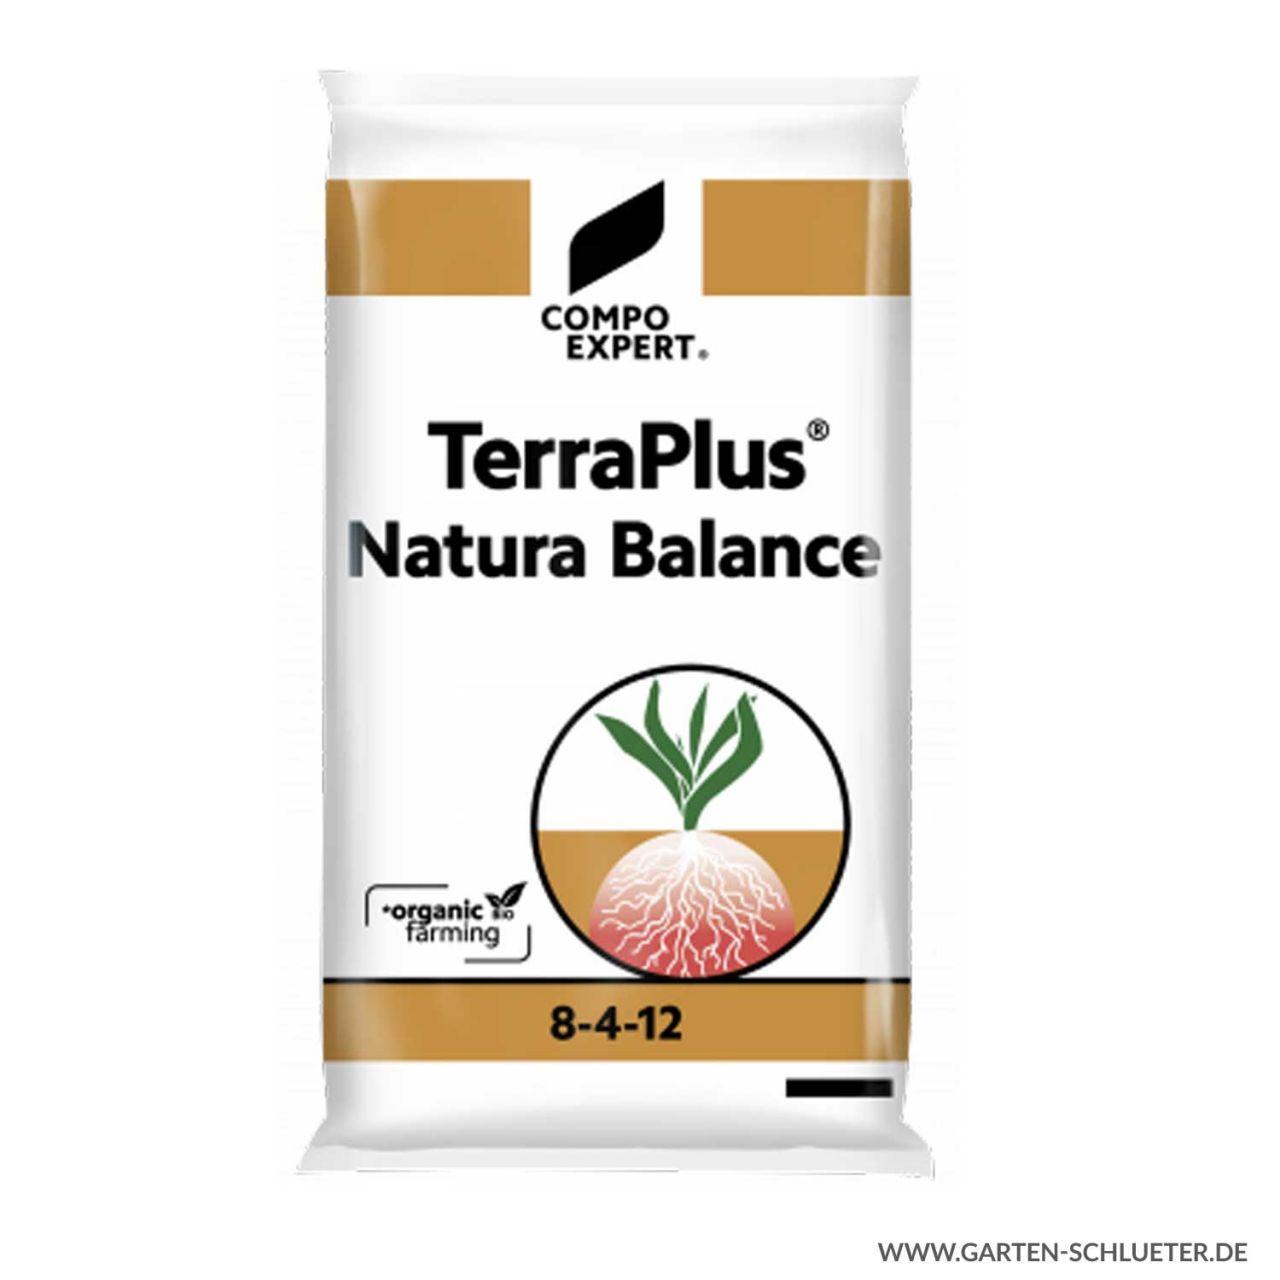 Rein organischer Dünger - Compo Expert® TerraPlus® Natura Balance 8-4-12 - 25 kg